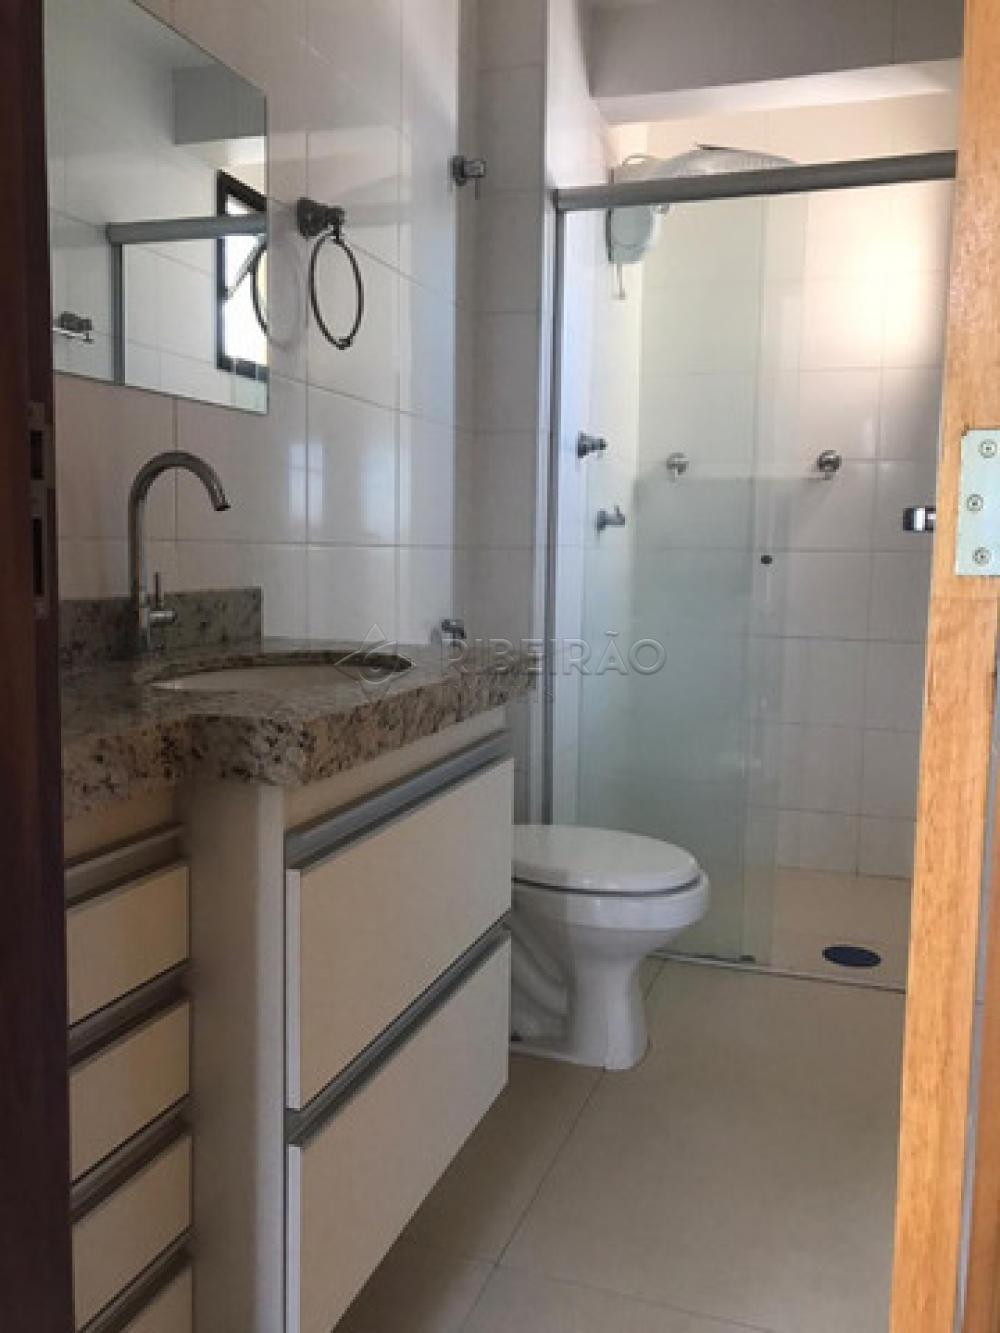 Comprar Apartamento / Padrão em Ribeirão Preto apenas R$ 479.000,00 - Foto 5